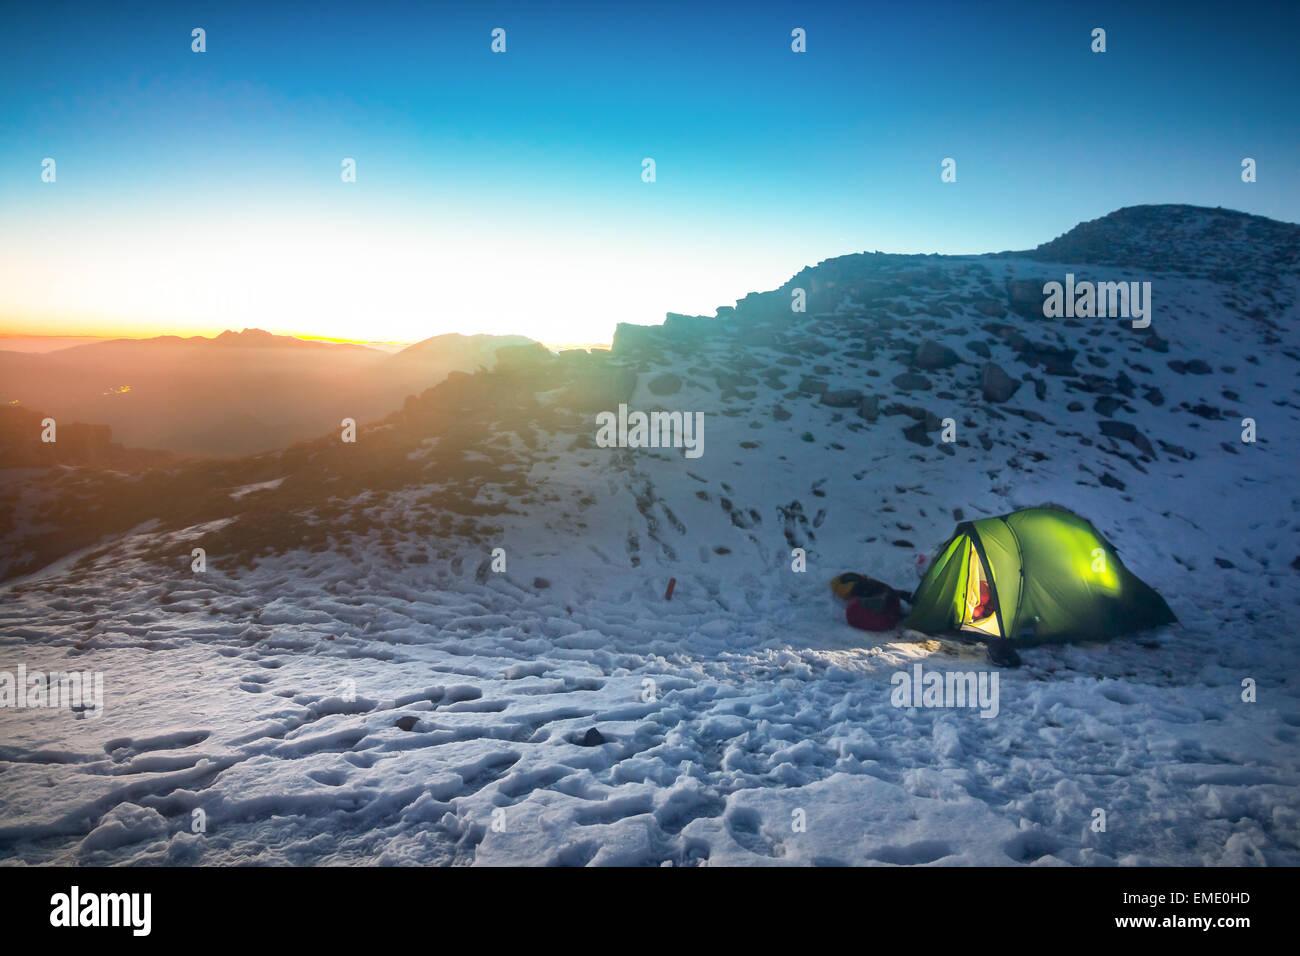 Aufgeklärte Zelt und Sonnenuntergang in den Bergen Stockbild